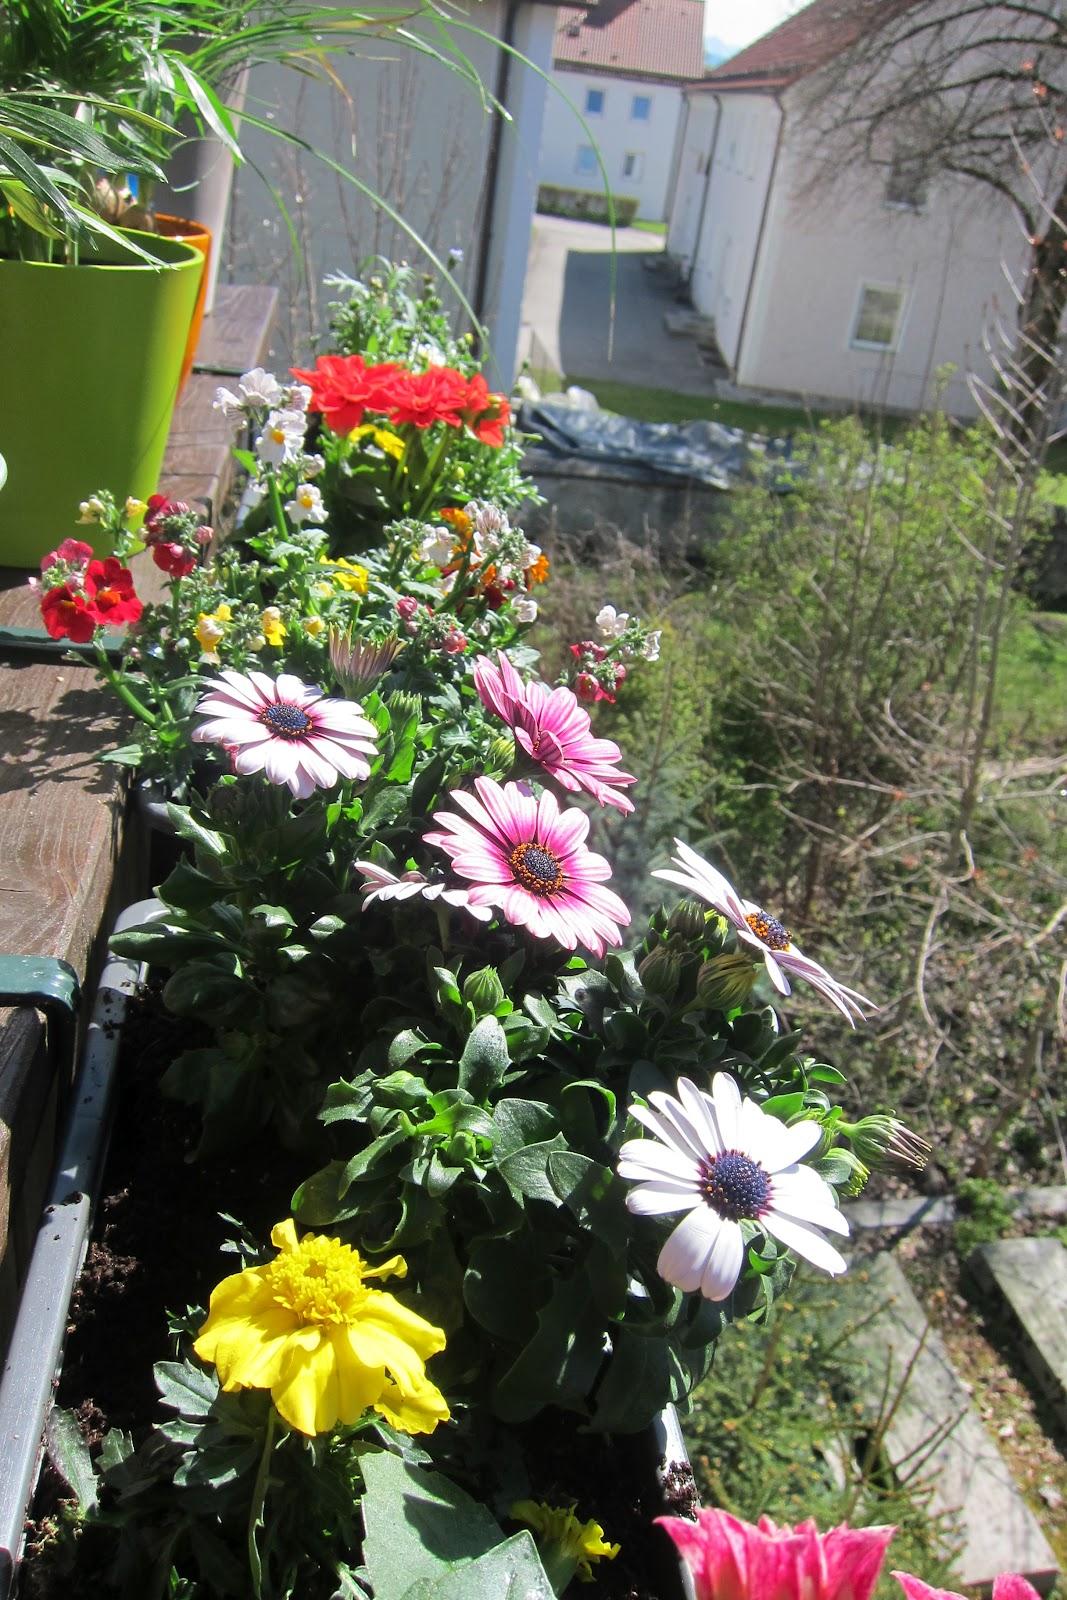 balkonblumen viel sonne balkon und beetpflanzen farbenfrohe und widerstandsf hige balkonblumen. Black Bedroom Furniture Sets. Home Design Ideas